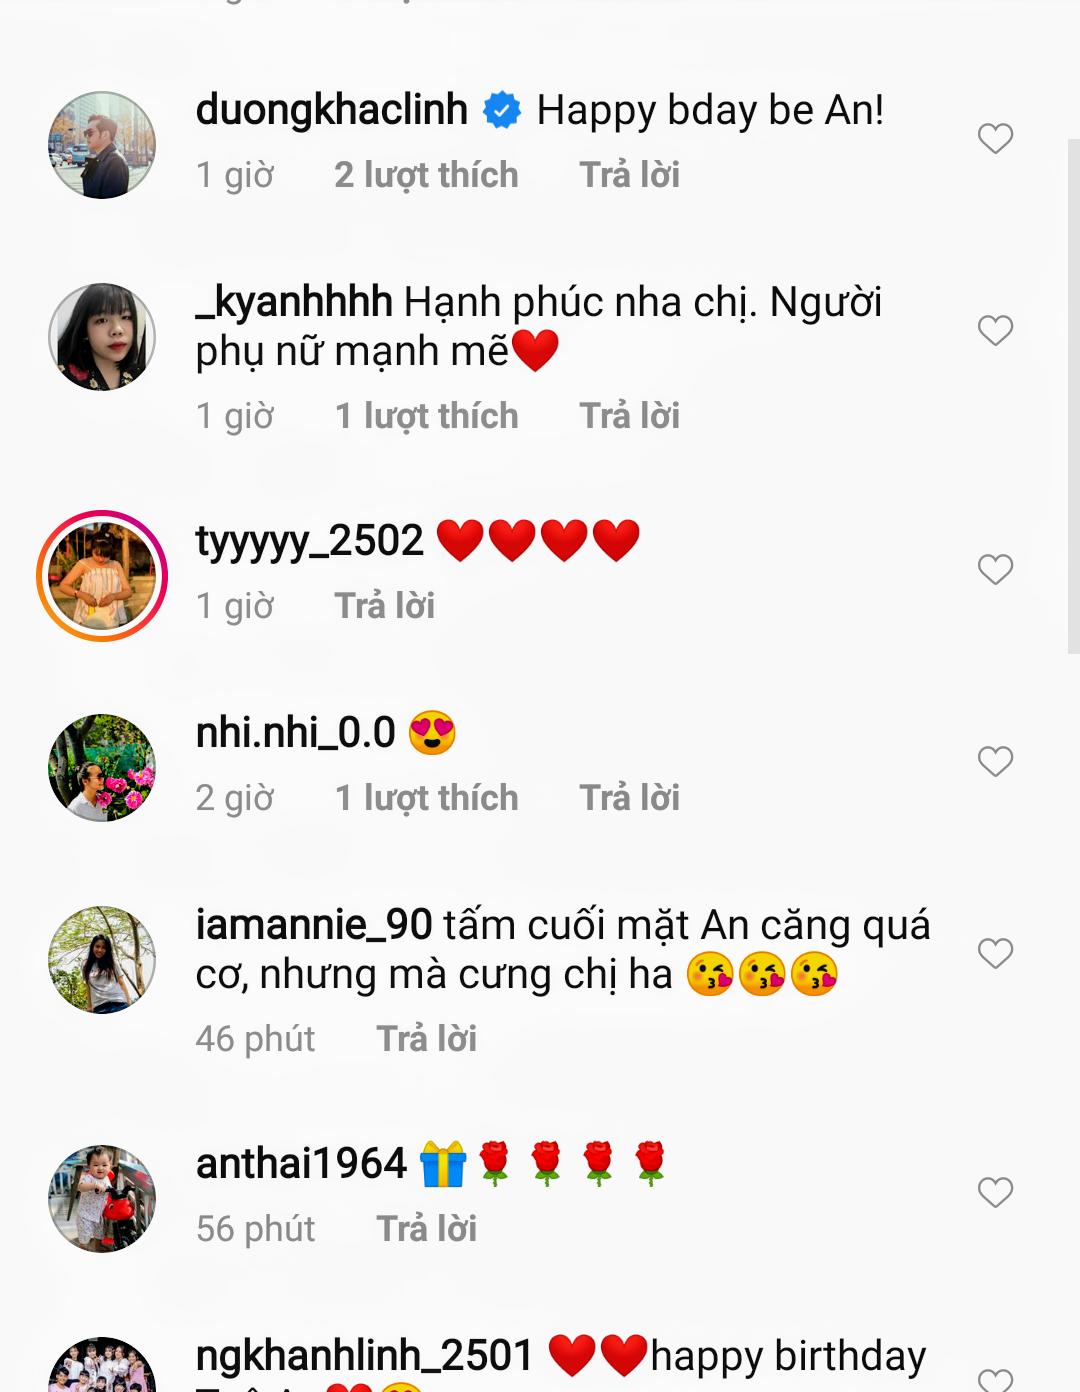 Nhiều khán giả và sao Việt gửi lời chúc mừng sinh nhật con gái Phạm Quỳnh Anh